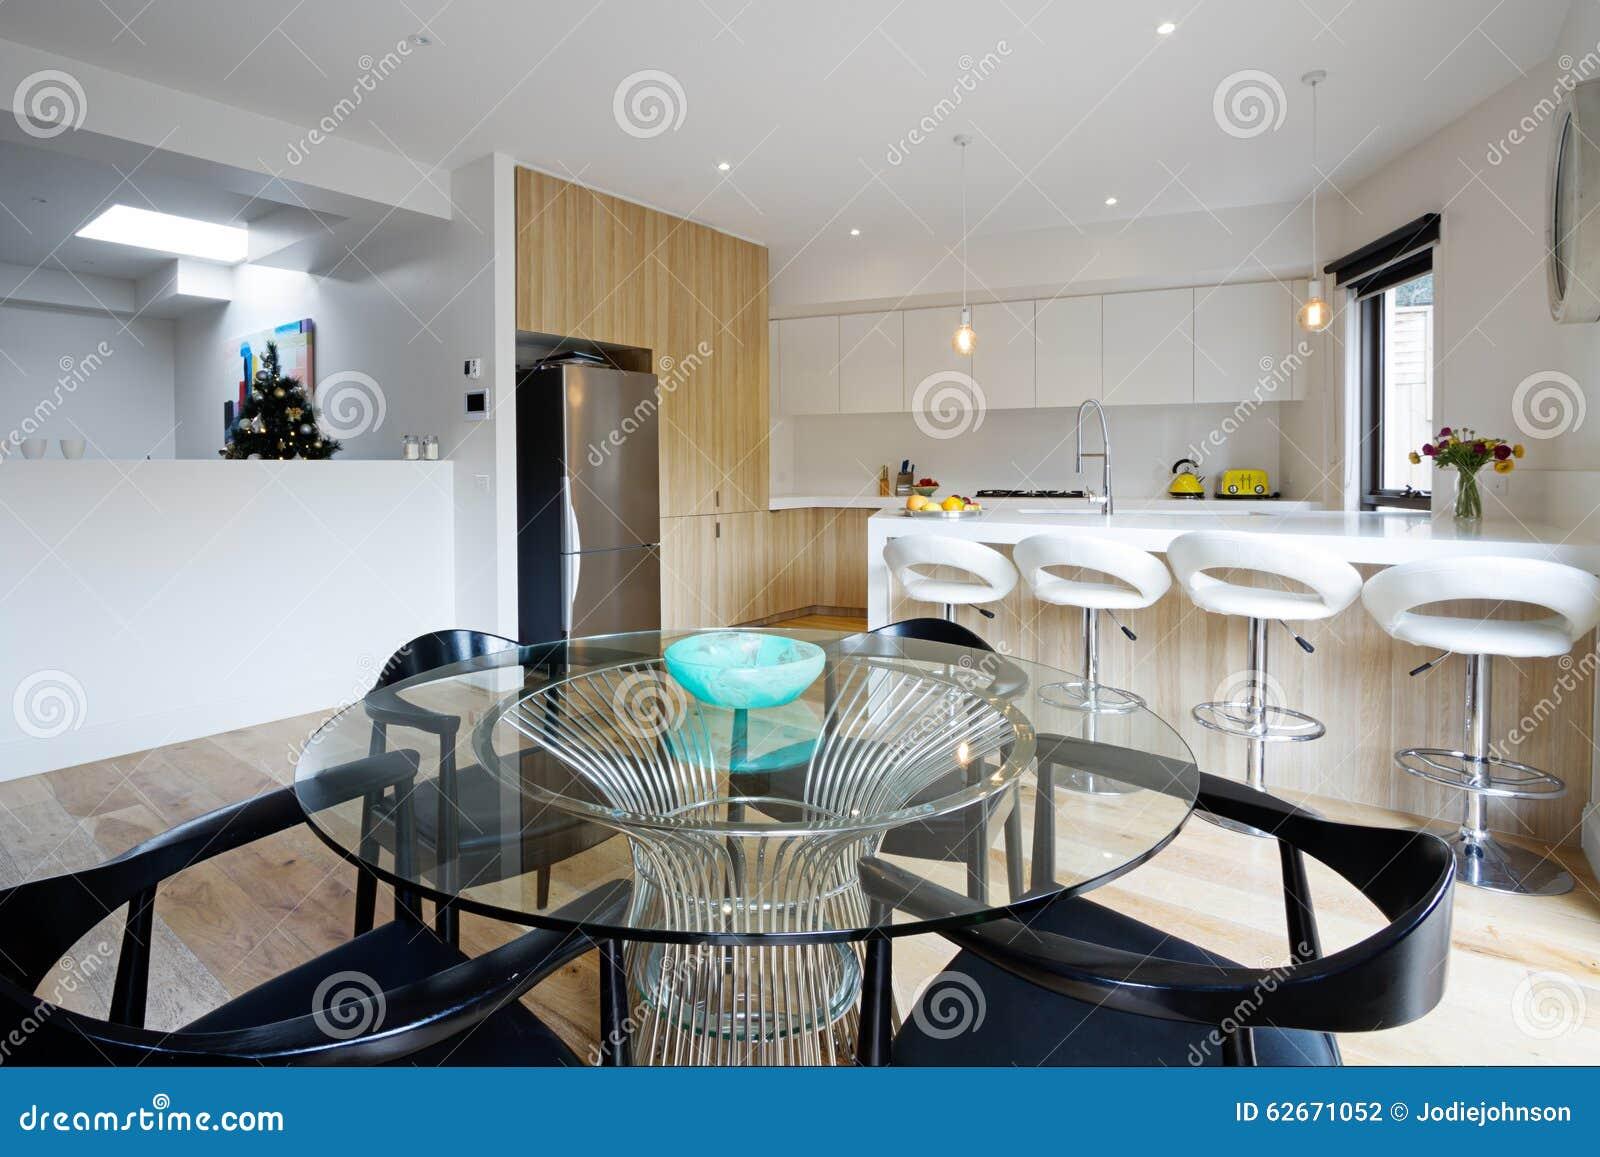 Plan de cuisine ouverte sur salle manger fashion designs - Plan de cuisine ouverte sur salle a manger ...